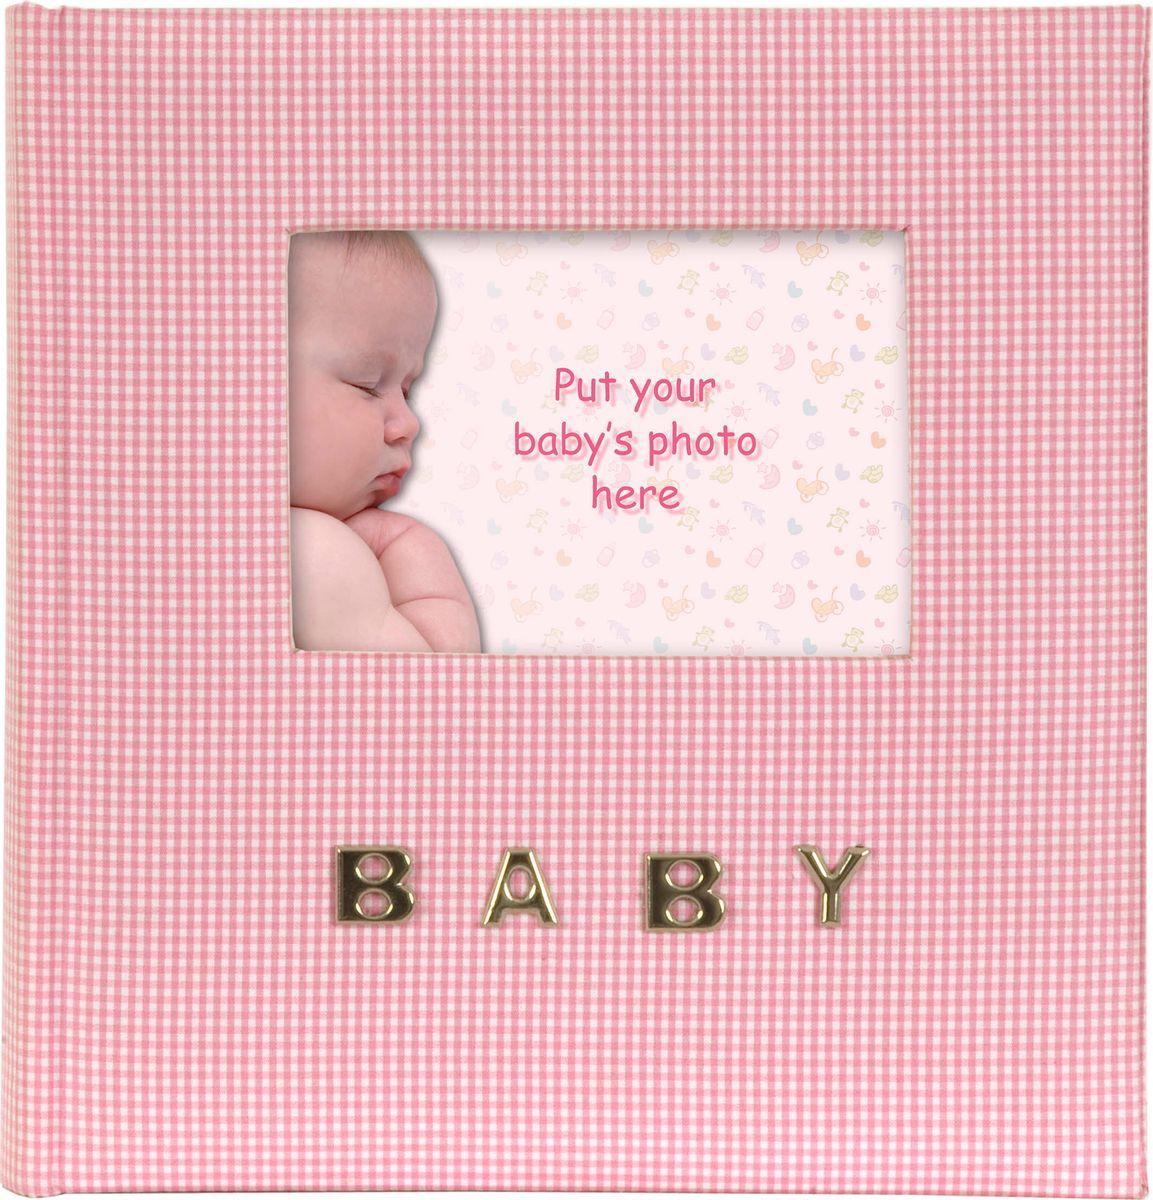 Фотоальбом Innova Baby Gingham, цвет: розовый, 100 фотографий, 10 x 15 см. Q9306337Q9306337Детский фотоальбом Innova имеет обложку из текстиля. Альбом рассчитан на 100 фотографий форматом 10 х 15 см. Для фотографий предусмотрено поледля записей. Страницы изготовлены из плотной бумаги и скреплены книжнымпереплетом.Фотоальбом являетсяуниверсальным подарком к любому празднику.Родным, близким и просто знакомым будетприятно помещать фотографии в этот альбом.